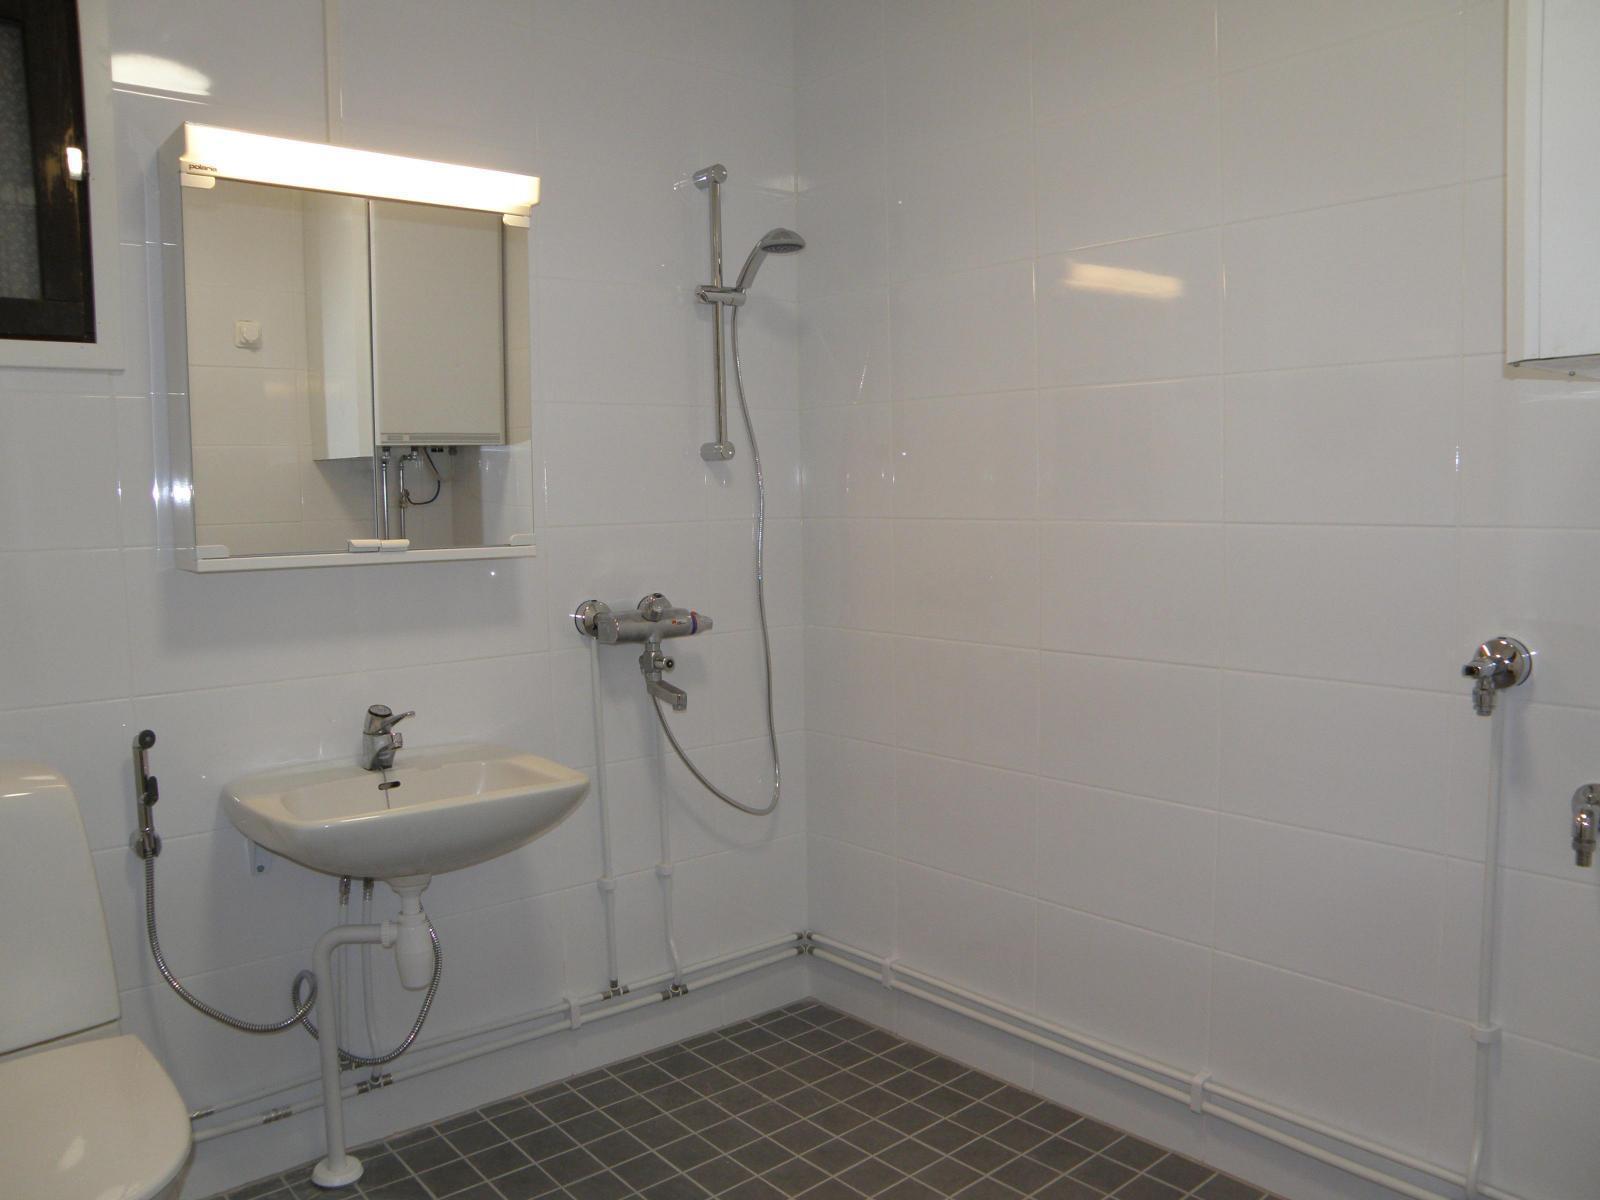 pesuhuone on laatoitettu ja vesieristetty joulukuussa 2016